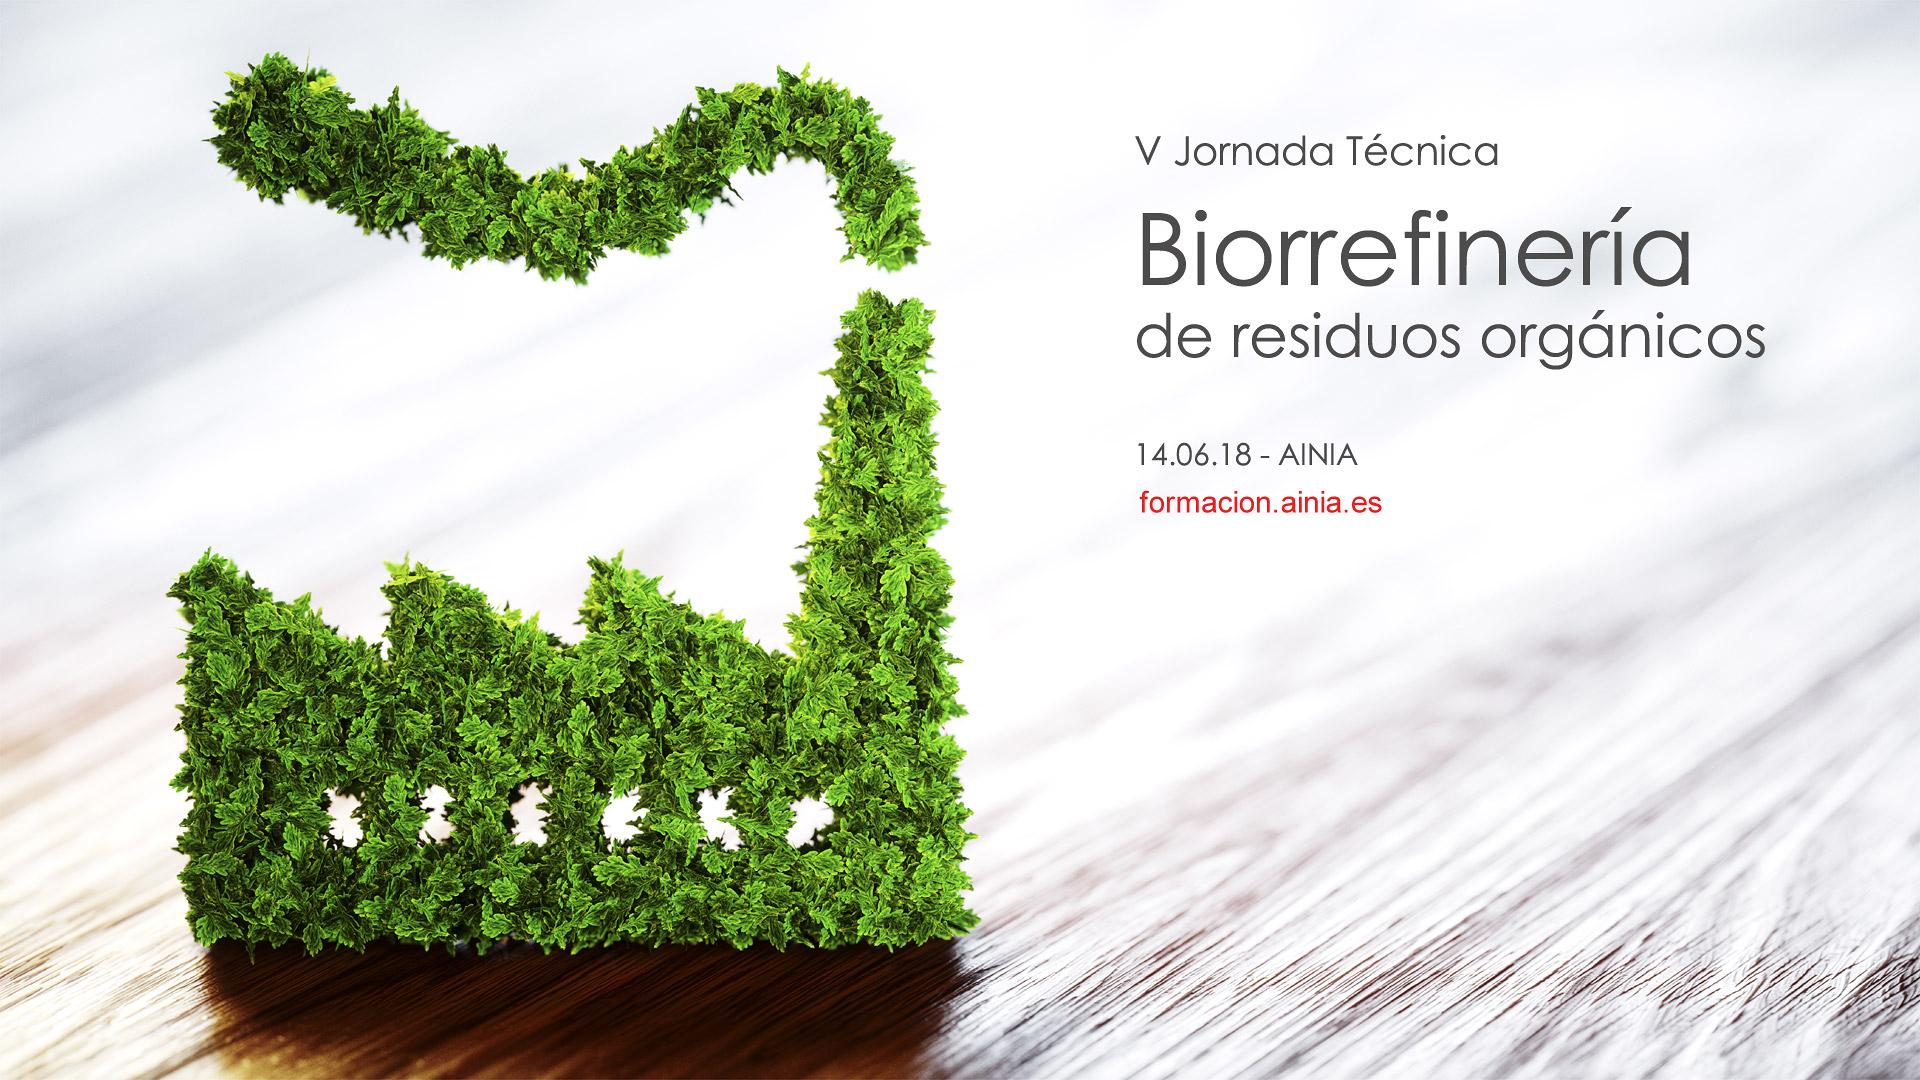 5ª Edición de la Jornada Técnica 'Biorrefinería de Residuos Orgánicos' (Jueves, 14 de junio | 9:00h | Valencia) #biorefineryAINIA